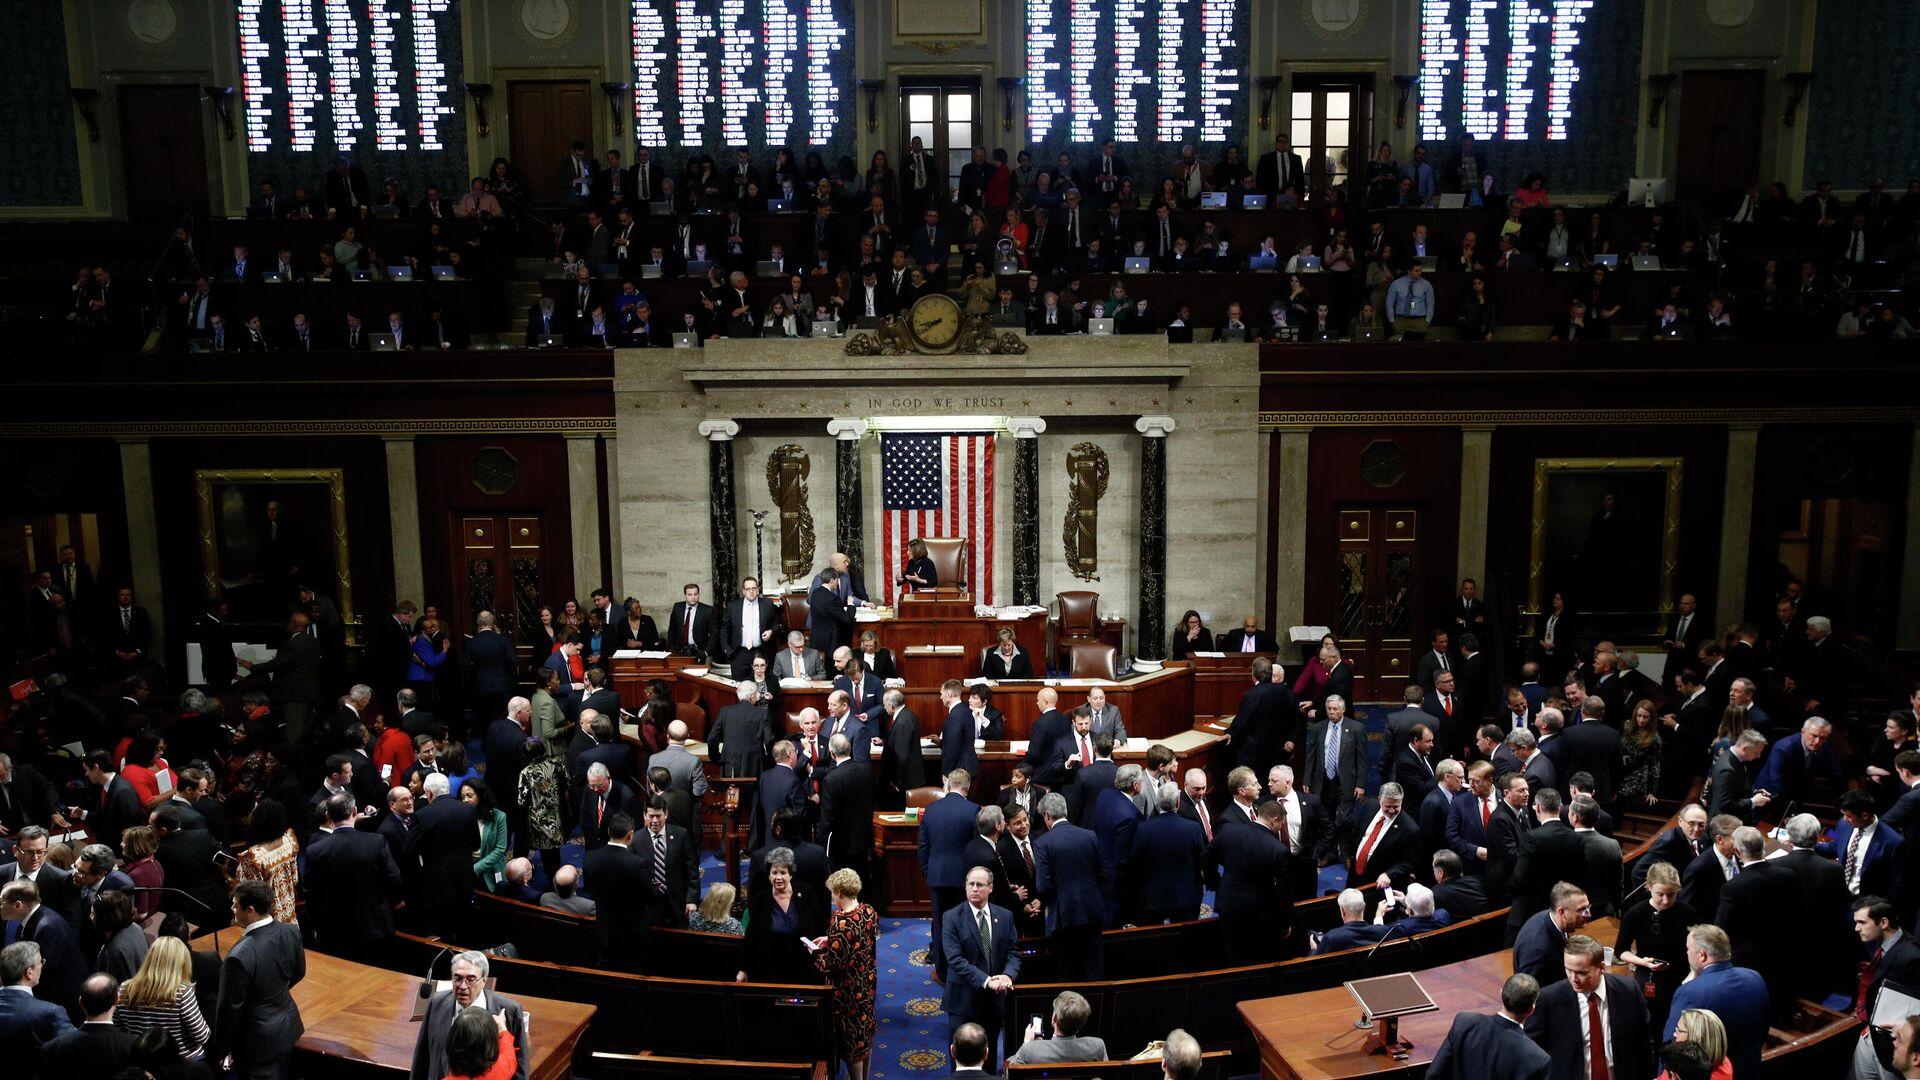 Члены Палаты представителей Конгресса США во время голосования по импичменту Дональда Трампа. 18 декабря 2019 - РИА Новости, 1920, 24.09.2021